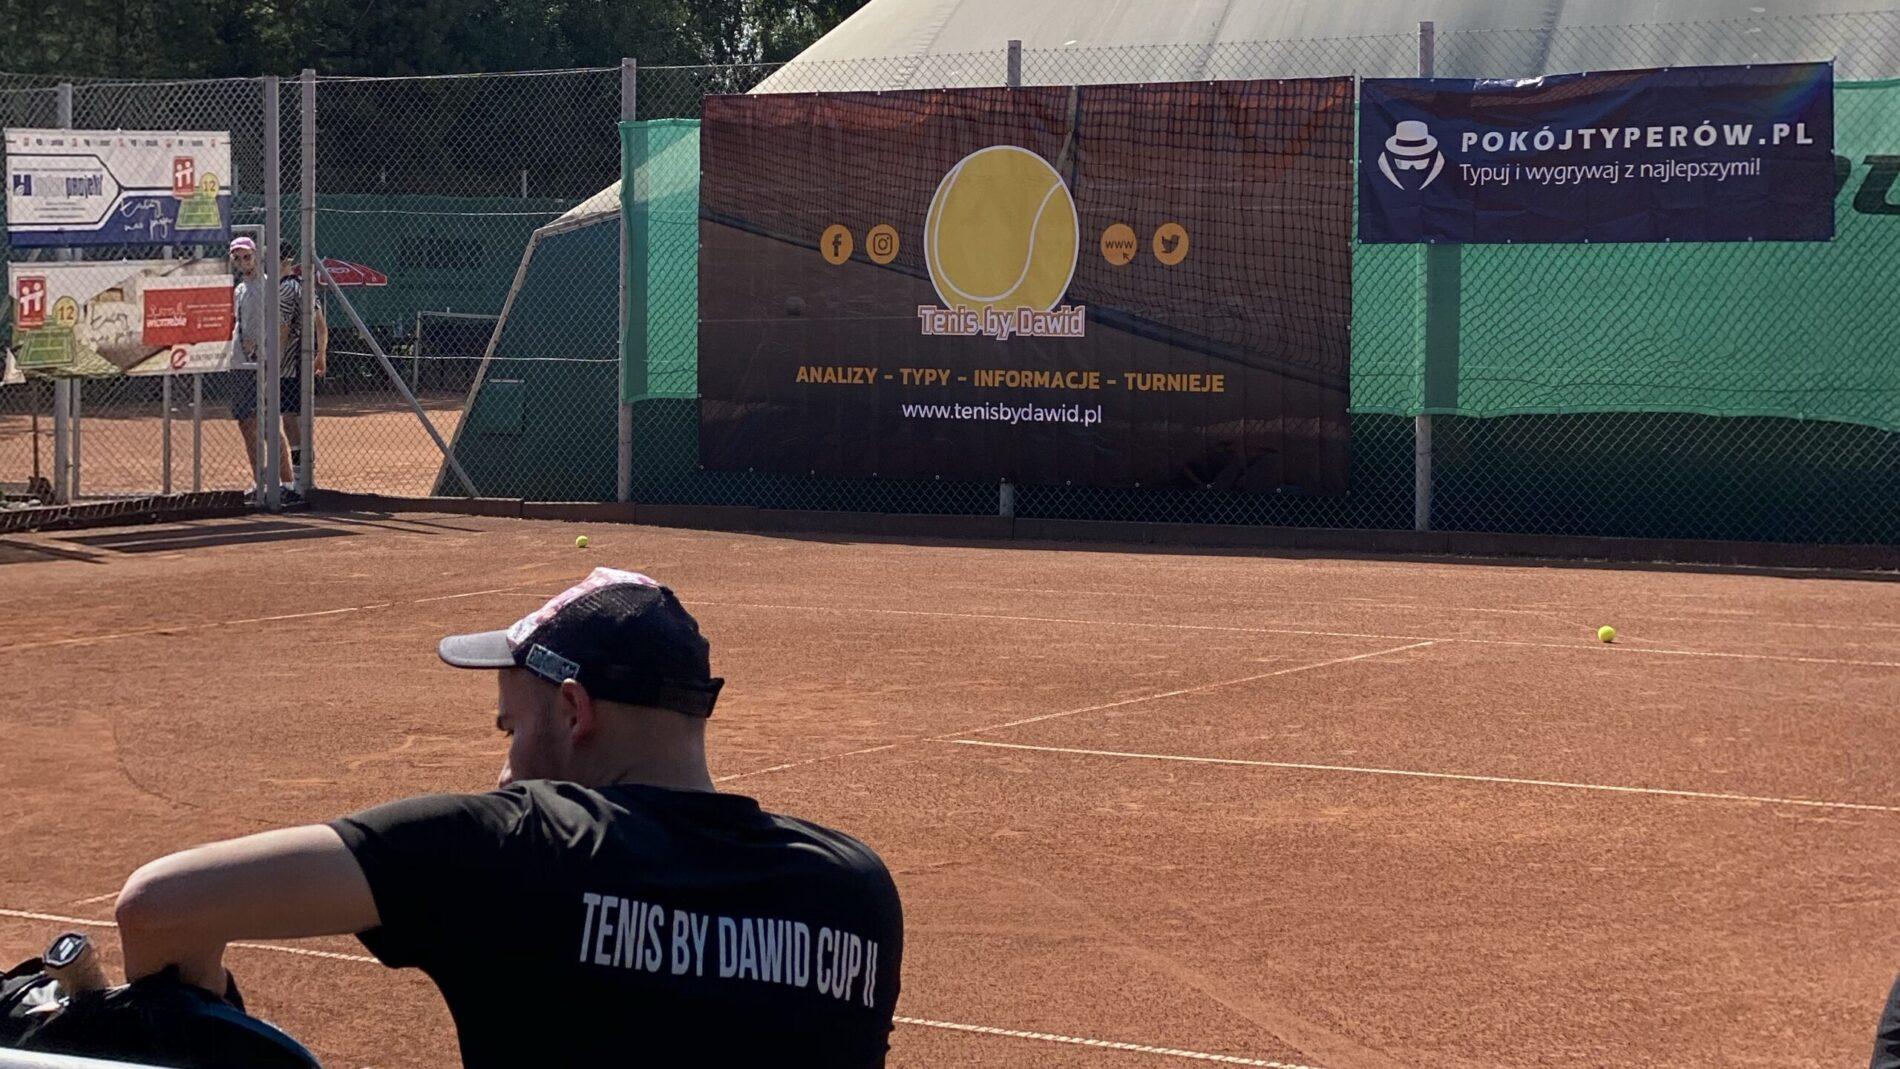 Podsumowanie Tenis by Dawid Cup IV (relacja tekstowa + galeria)